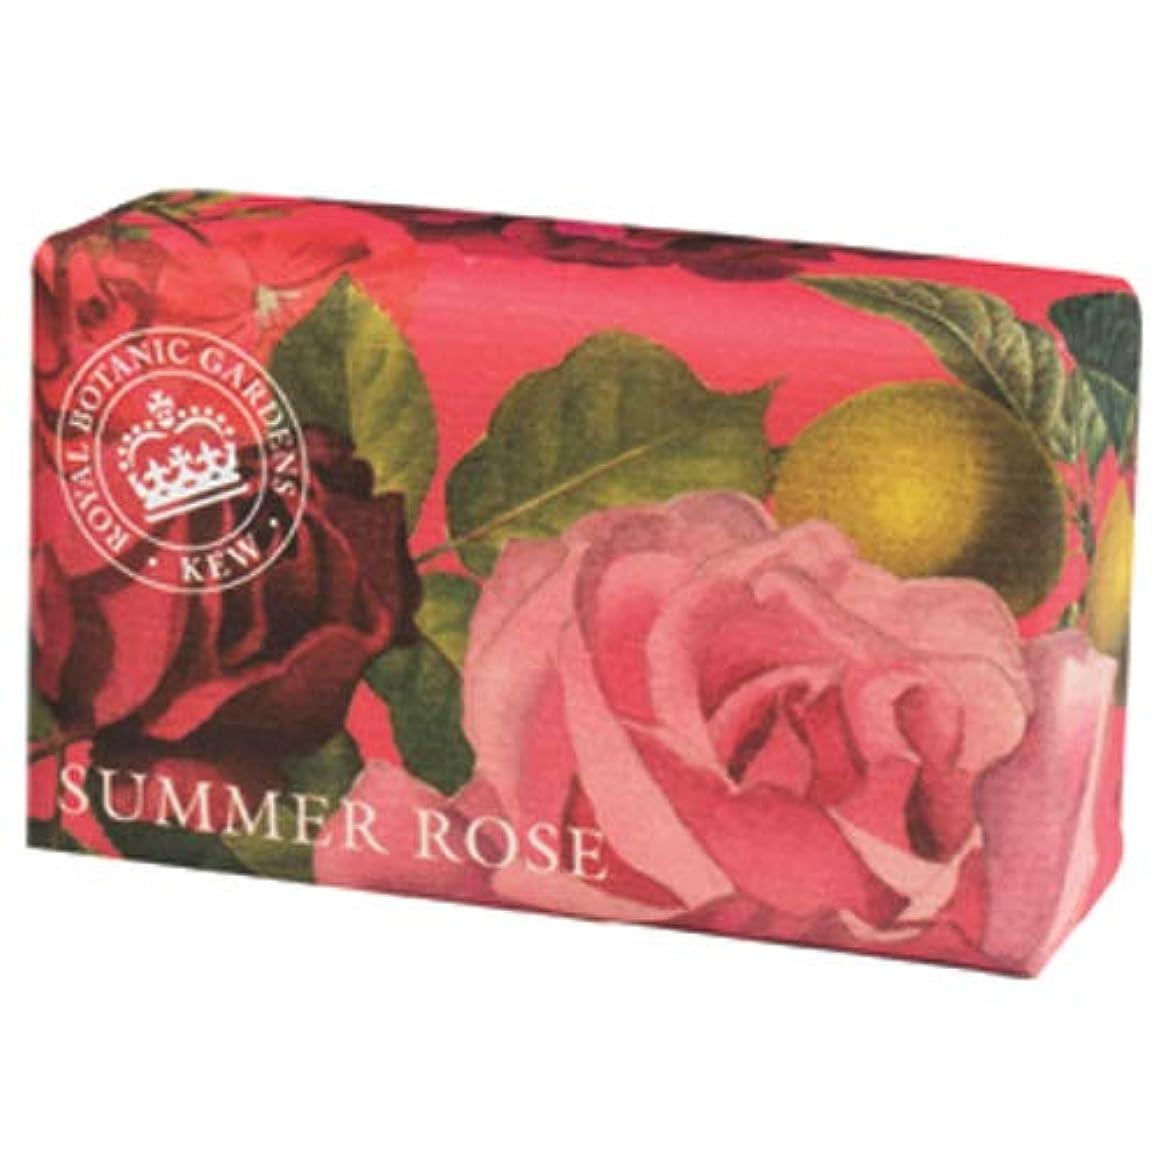 操縦する石油囲まれた三和トレーディング English Soap Company イングリッシュソープカンパニー KEW GARDEN キュー?ガーデン Luxury Shea Soaps シアソープ Summer Rose サマーローズ